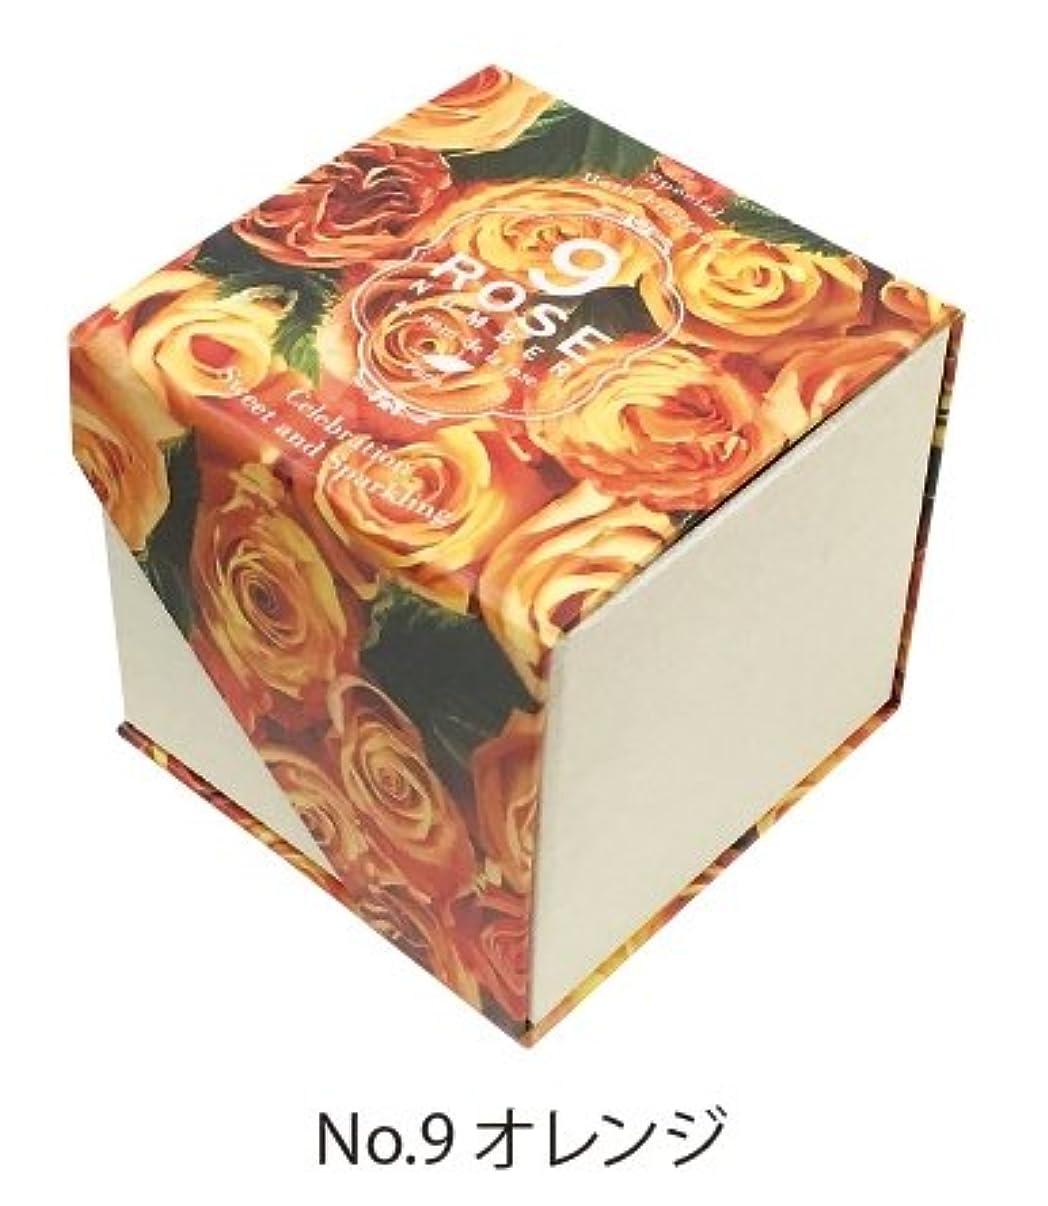 形状寄付する豊かな九州フラワーサービス(Kyushu Flower Service) 入浴剤 77280